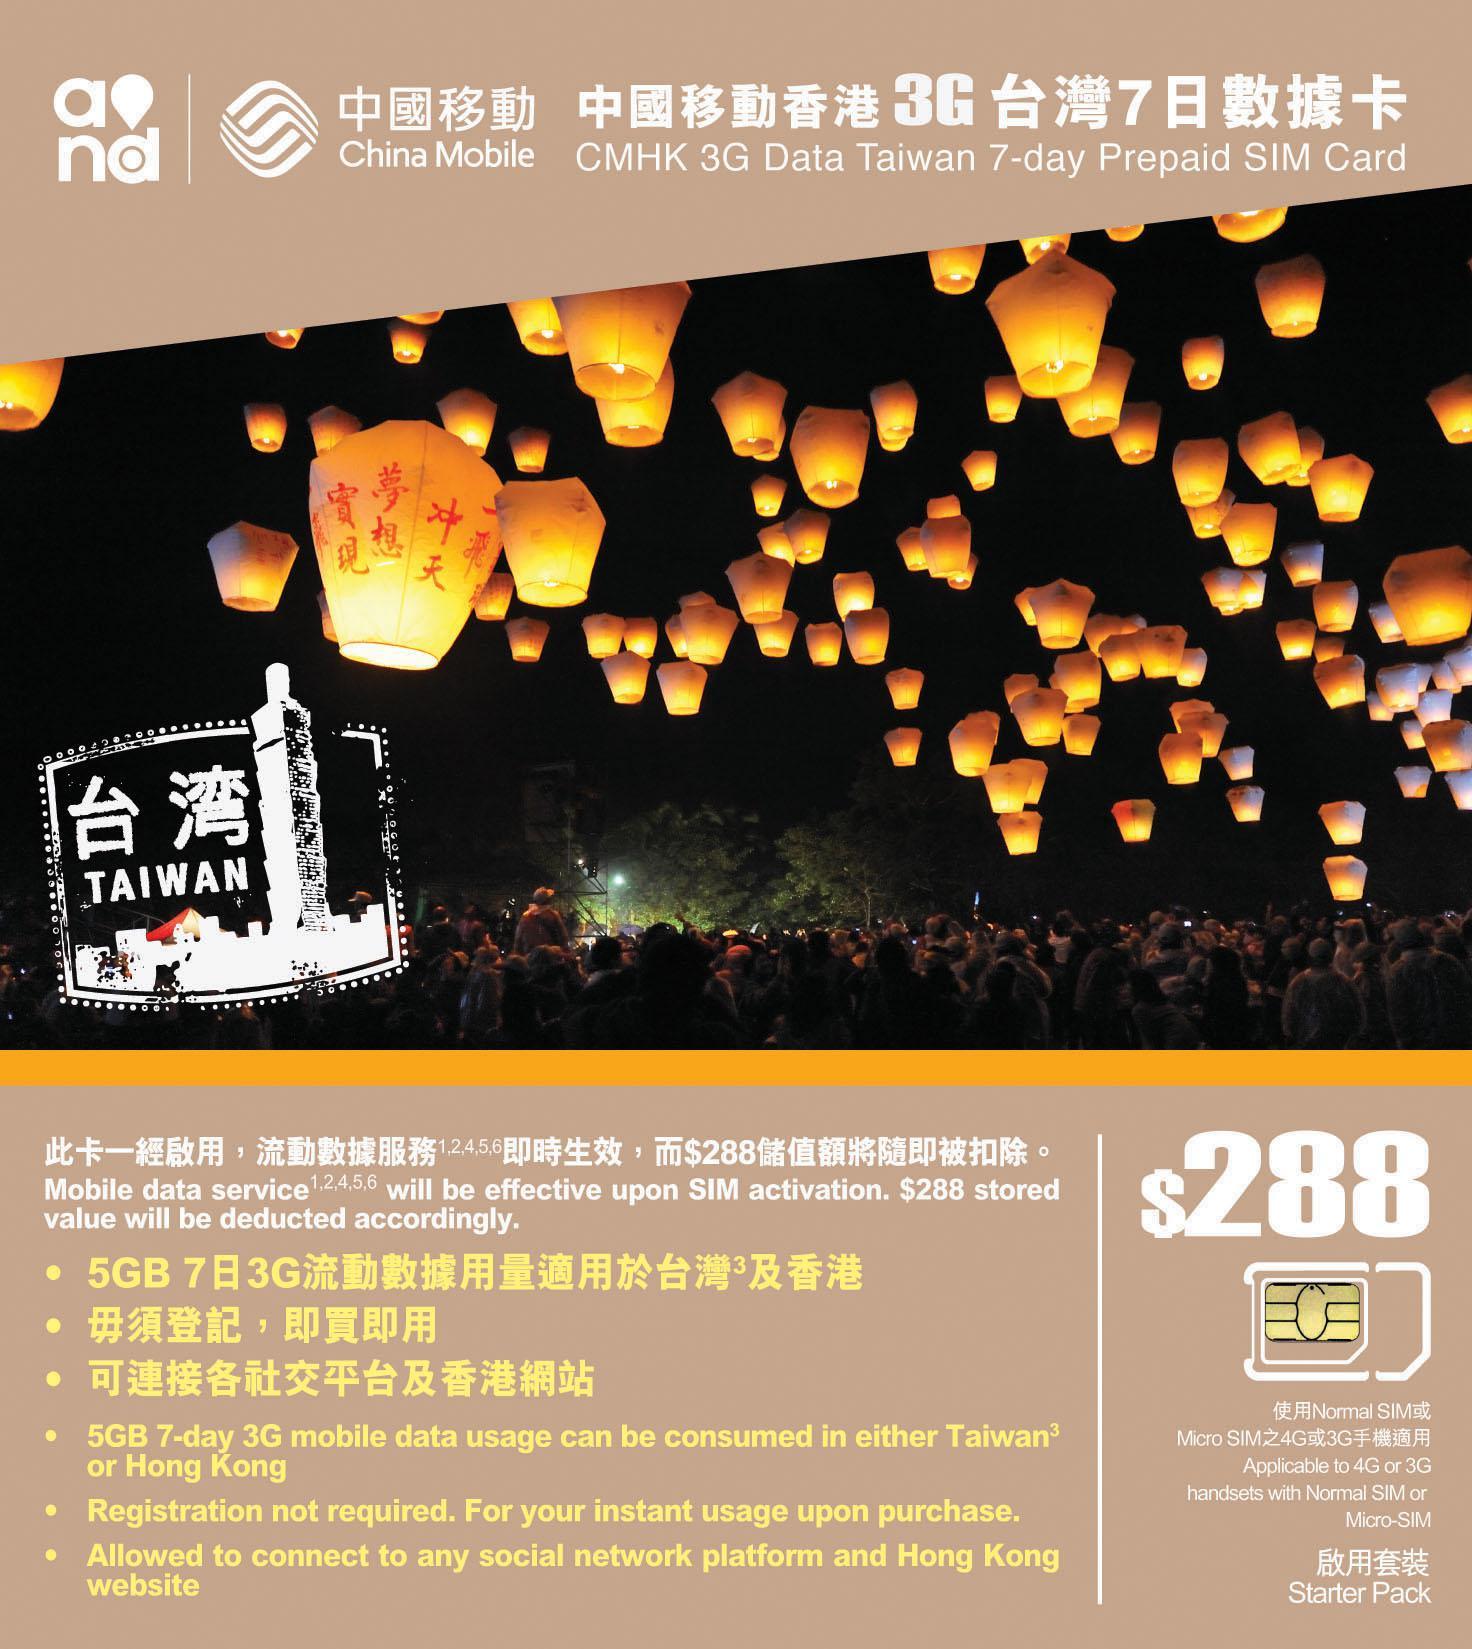 中國移動香港 3G 台灣 7 日數據卡